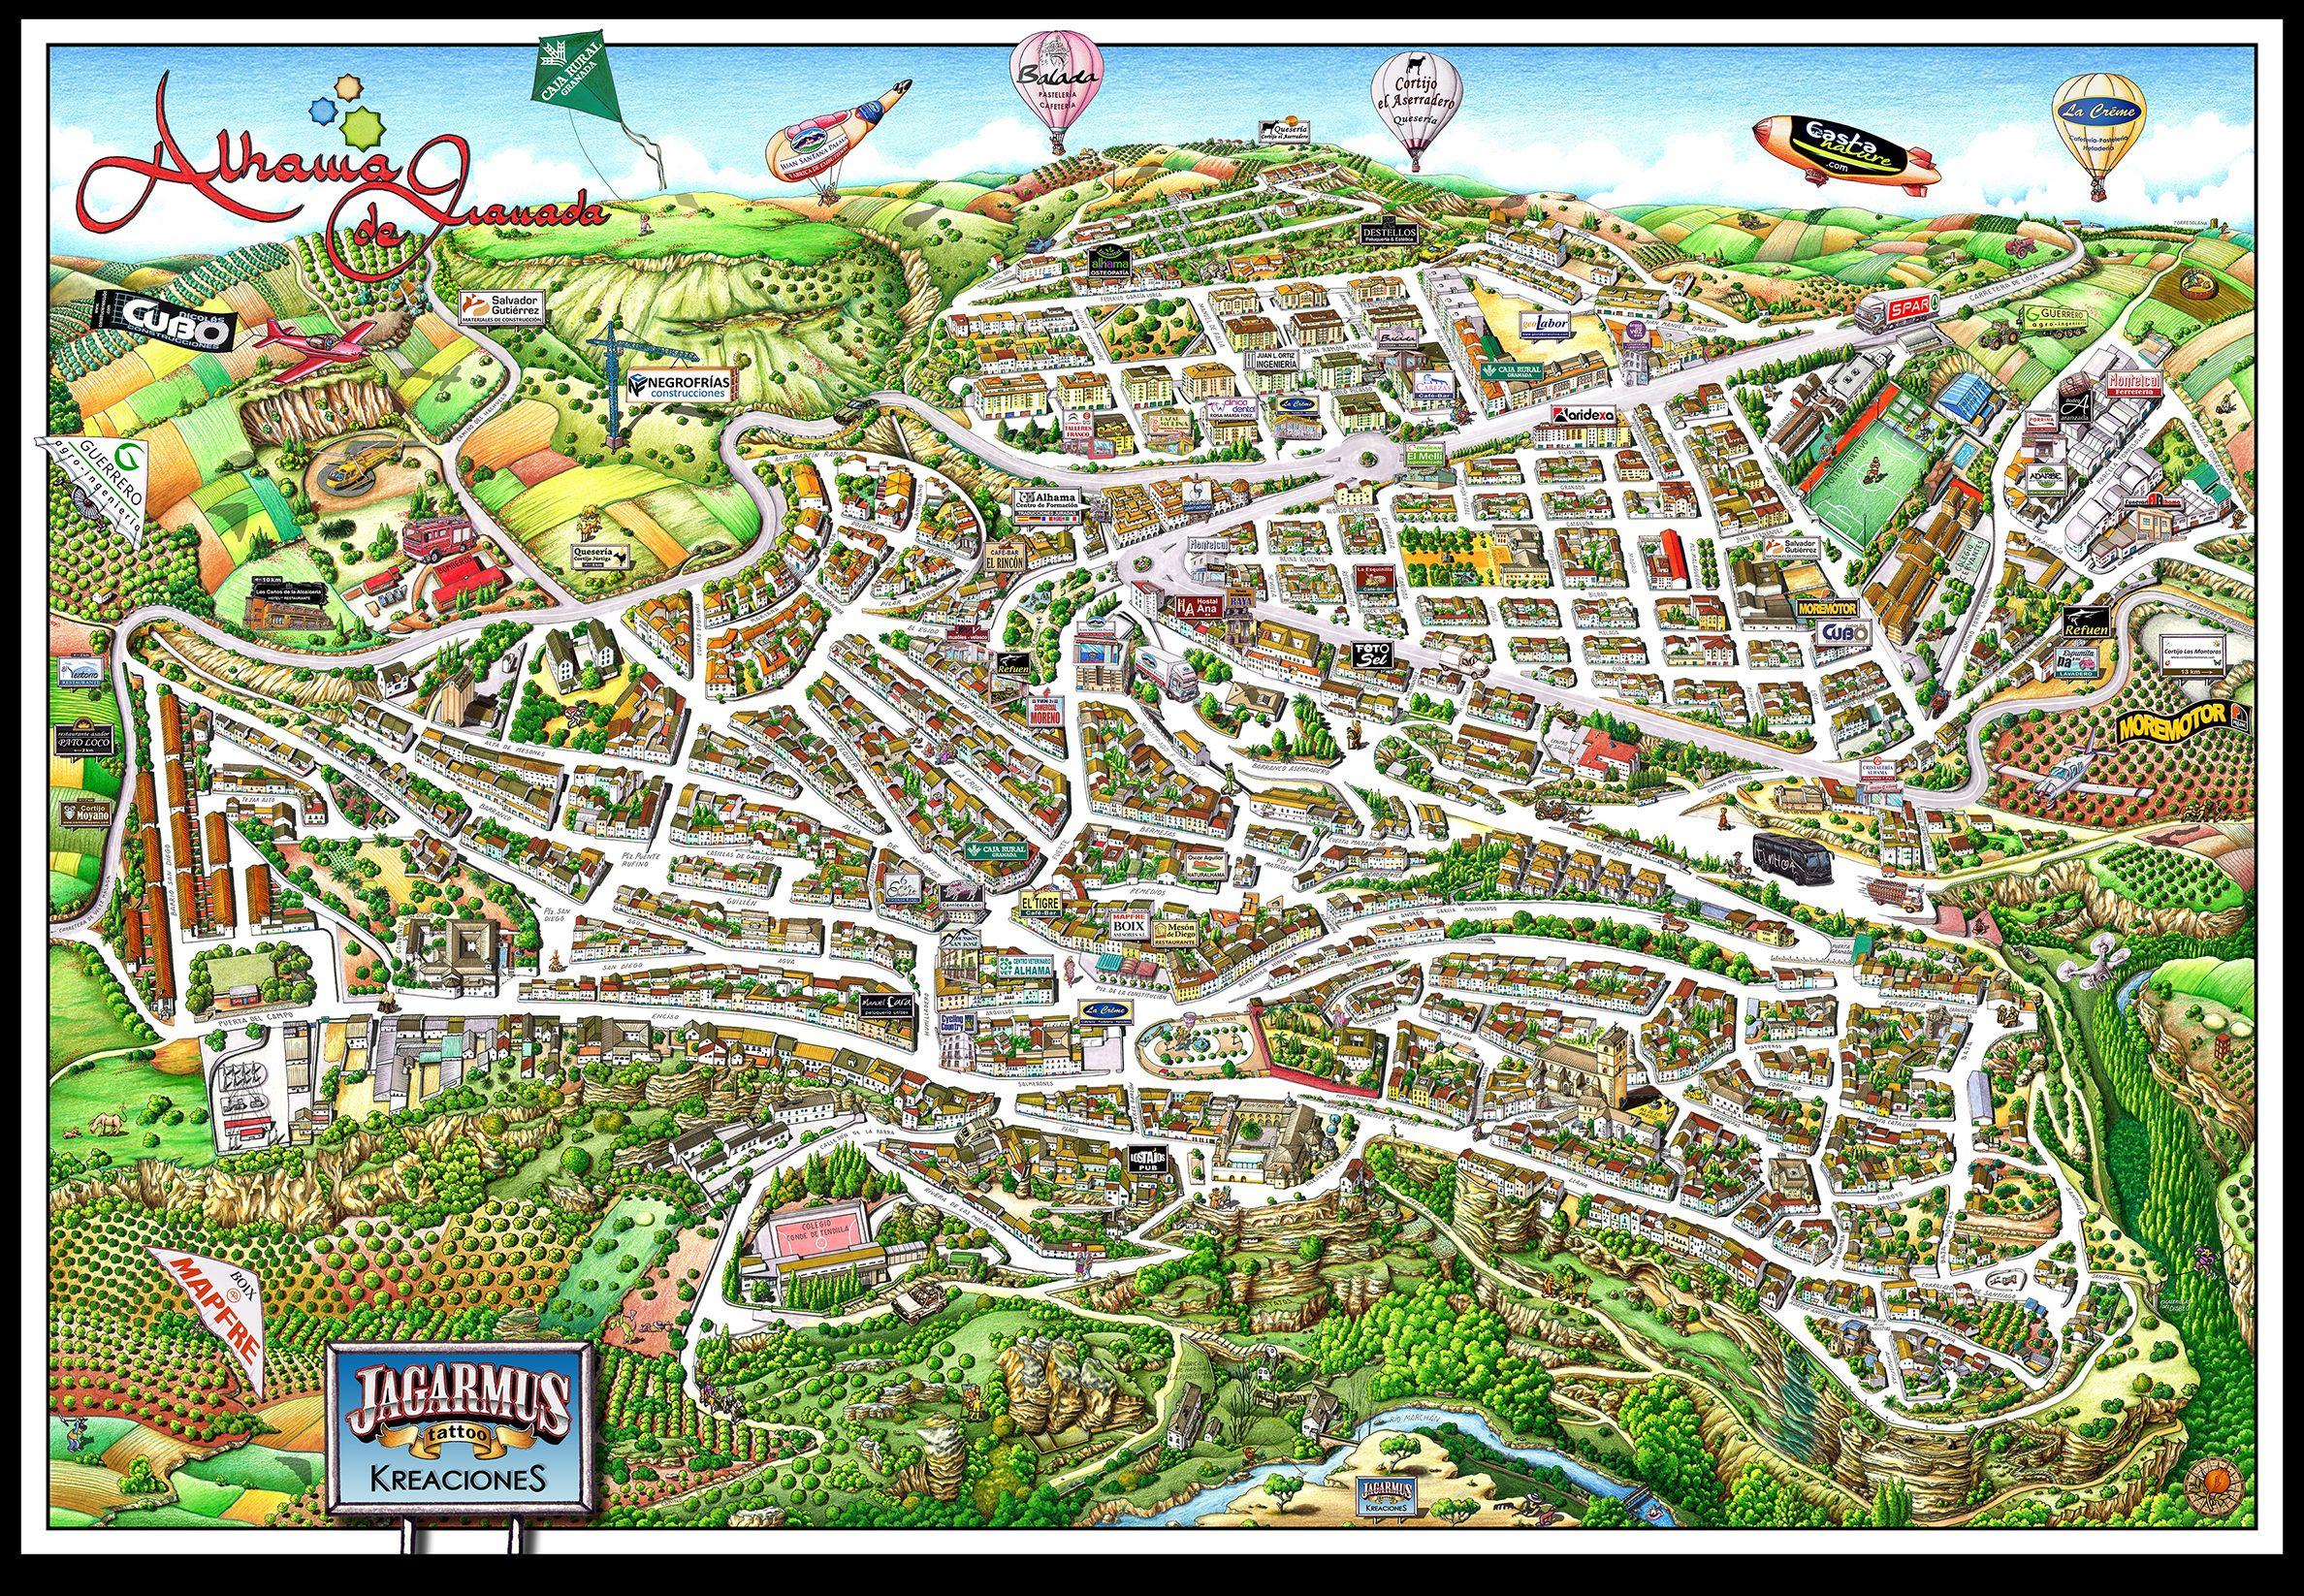 Mapa Alhama De Granada.Plano Artistico Alhama De Granada 2016 Poster Mapa Ciudad 3d Granada Alhama Planos Graficos